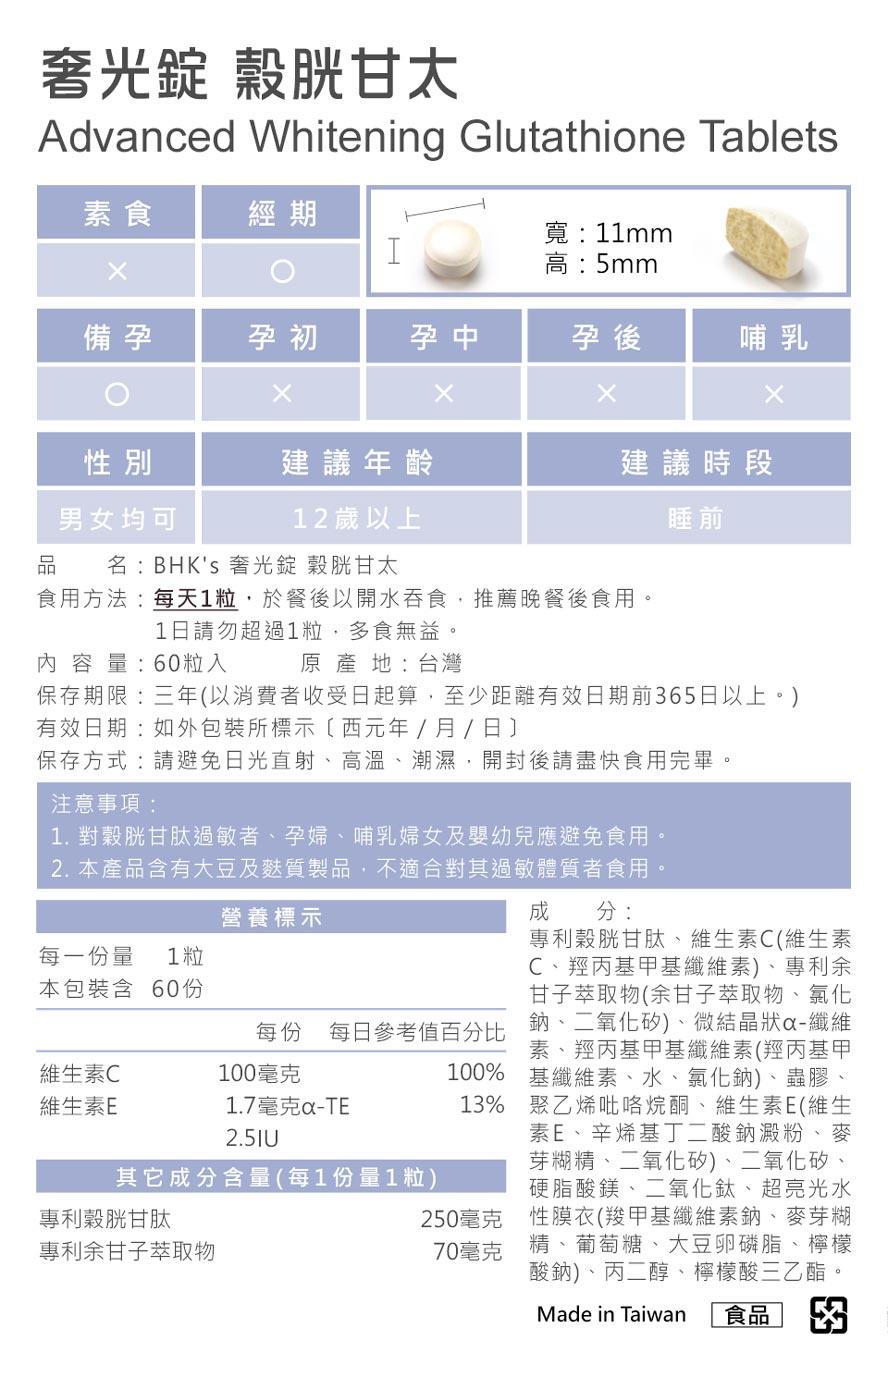 BHK's奢光、熊果素高规格专利复方,胶原胜肽+GSH